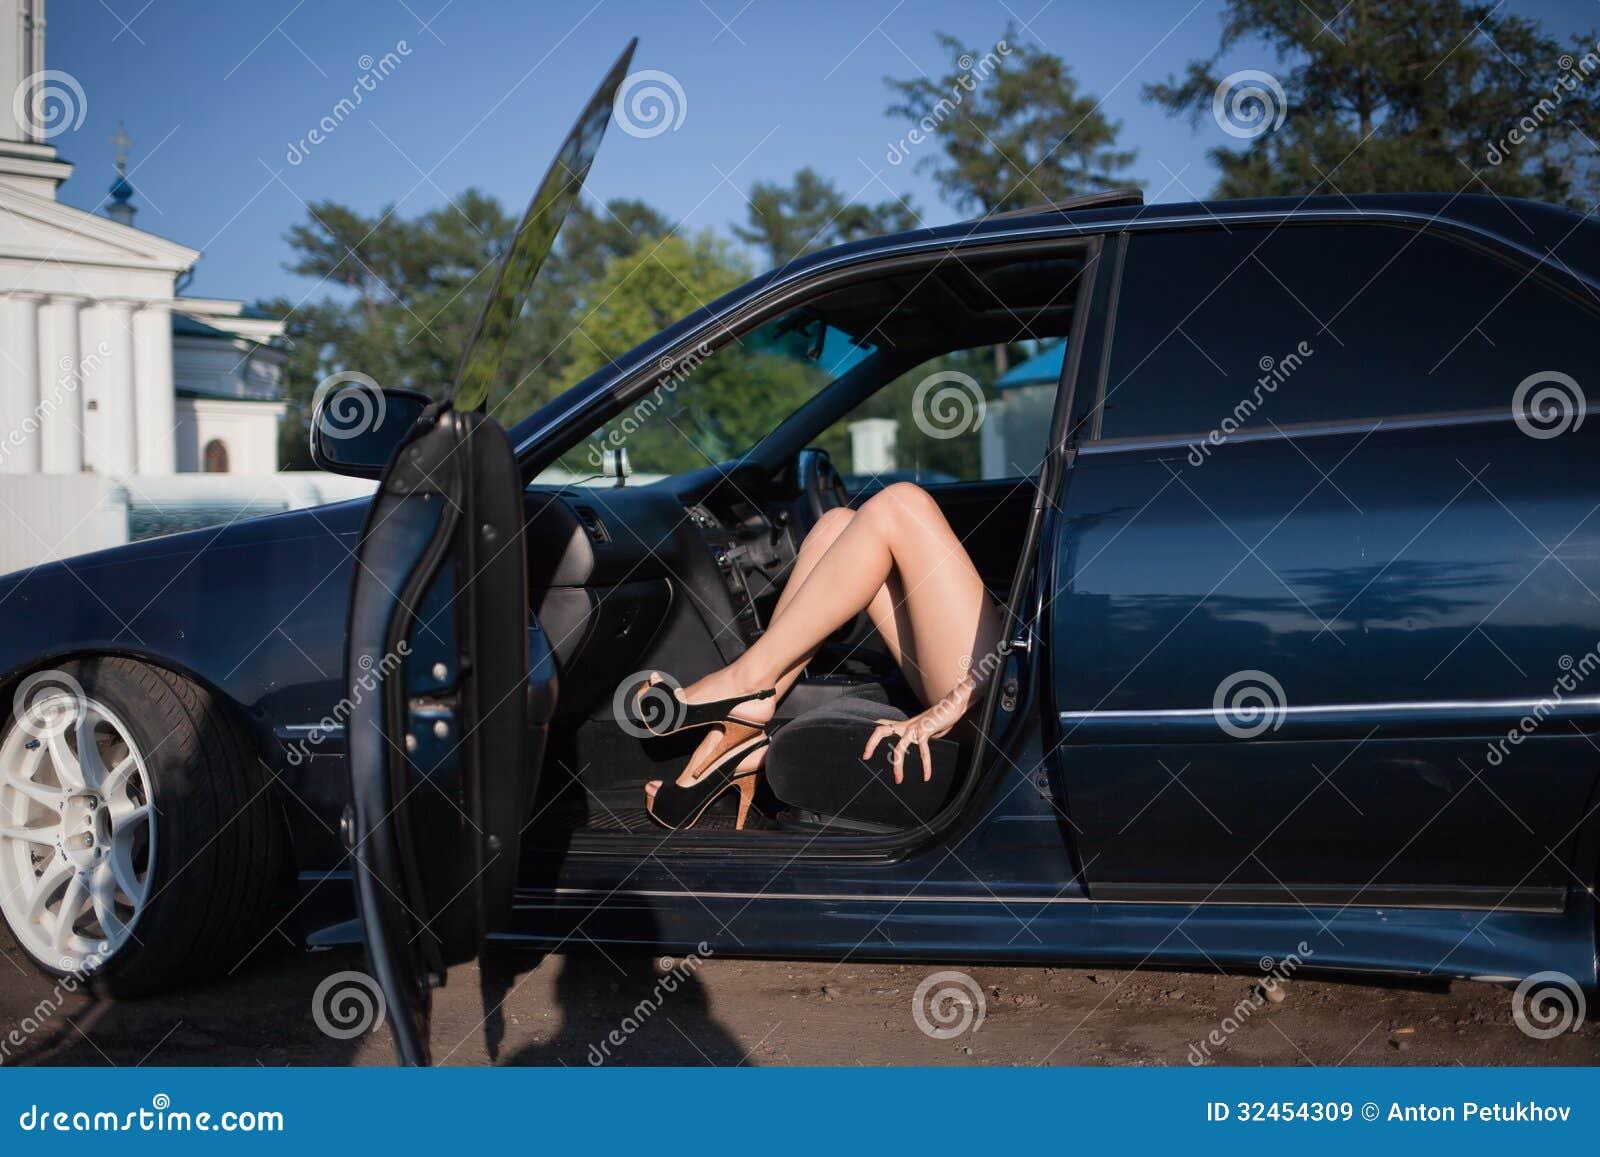 Eskort kadın meslek icabı kalkan yarrakları indiriyor